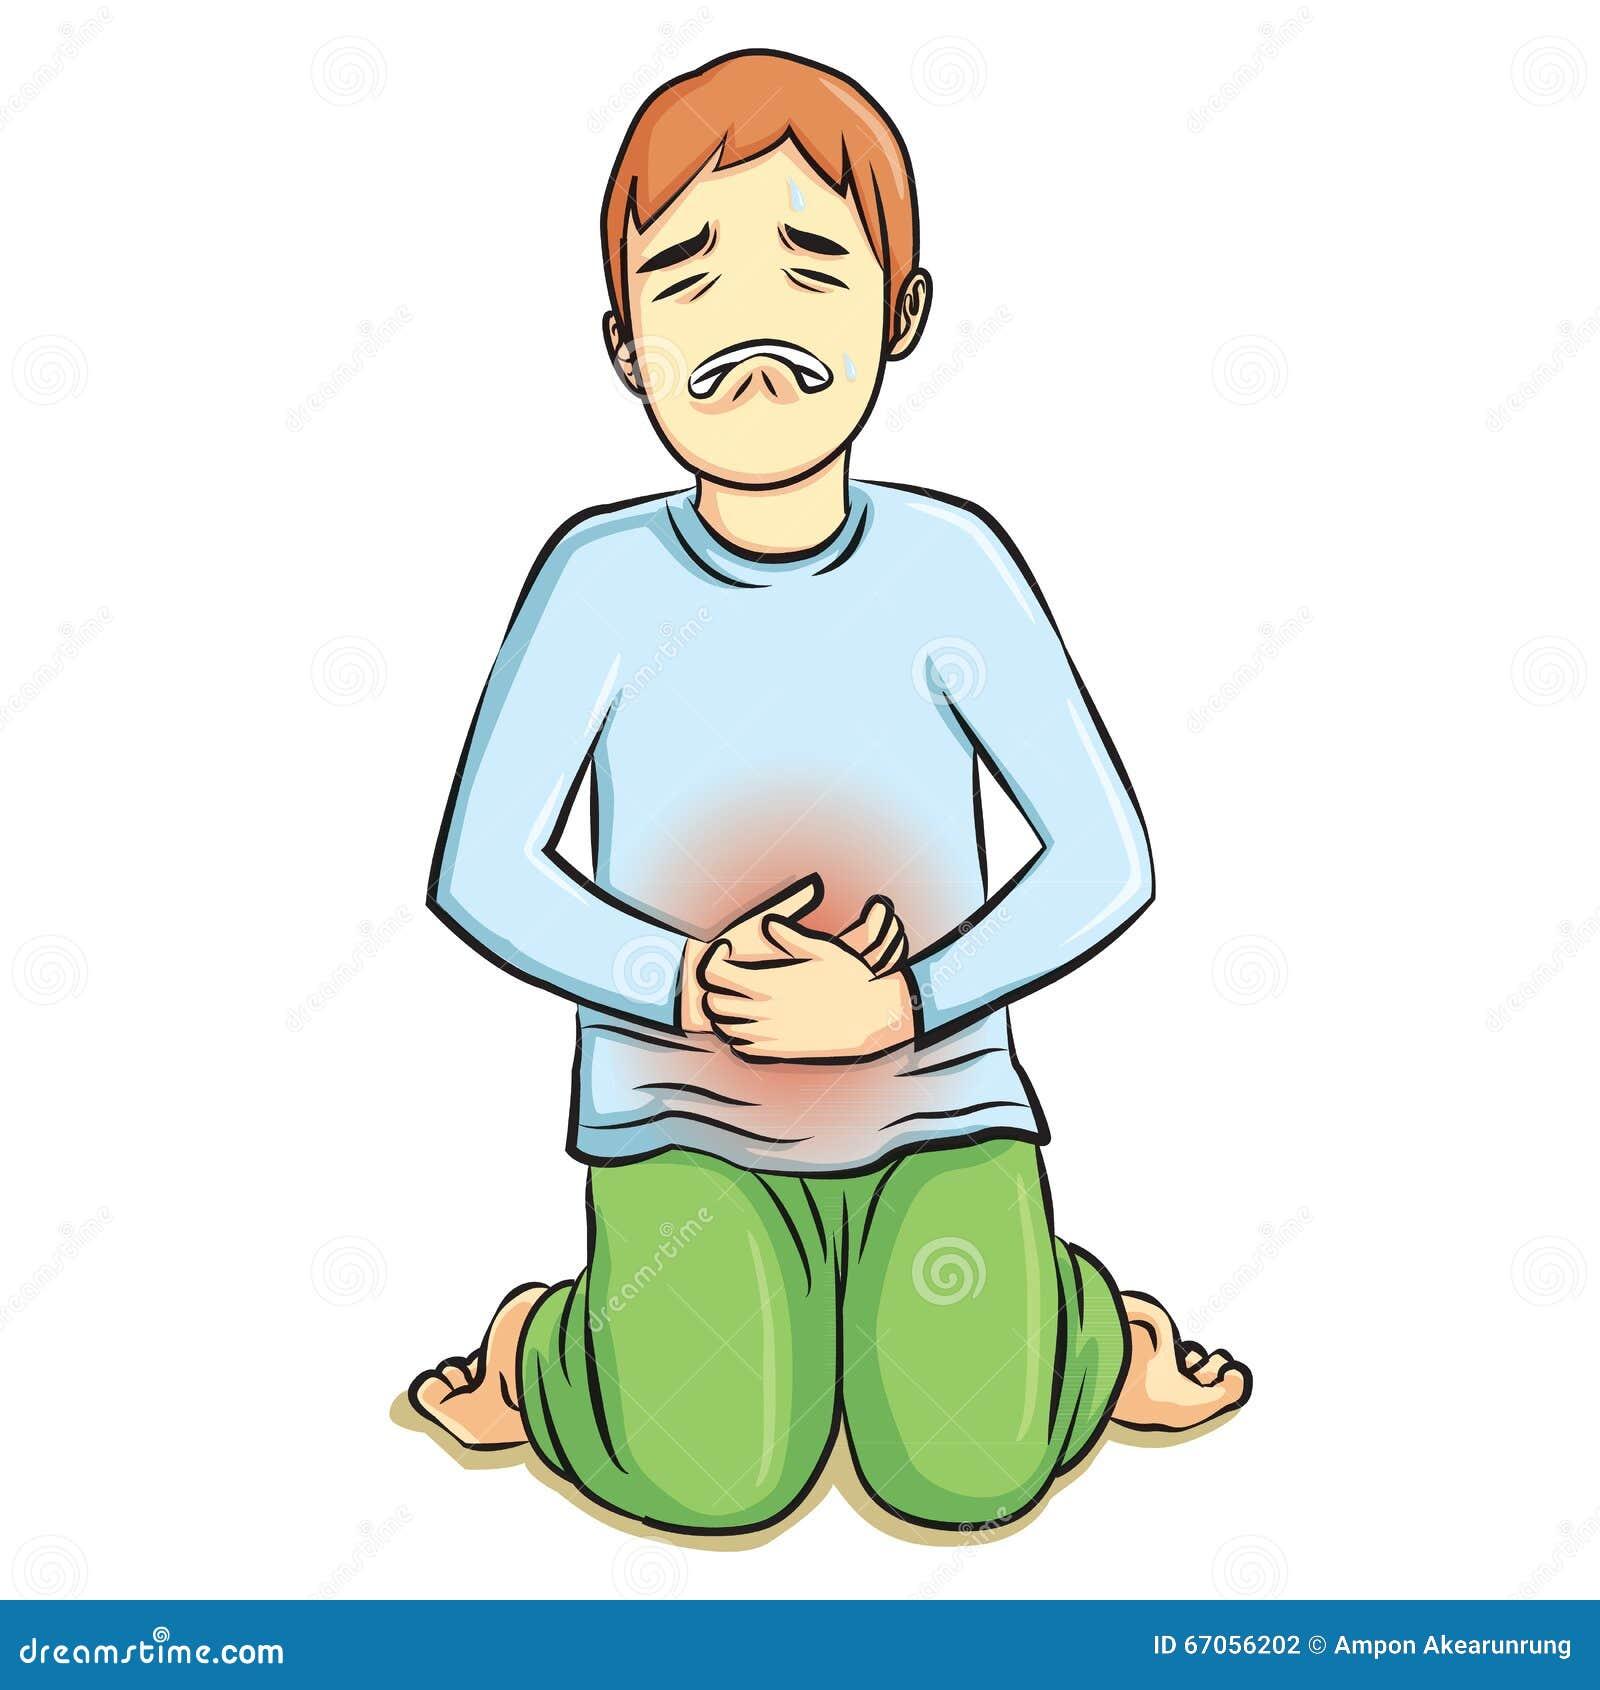 stomach ache stock vector illustration of male diarrhea 67056202 dreamstime com